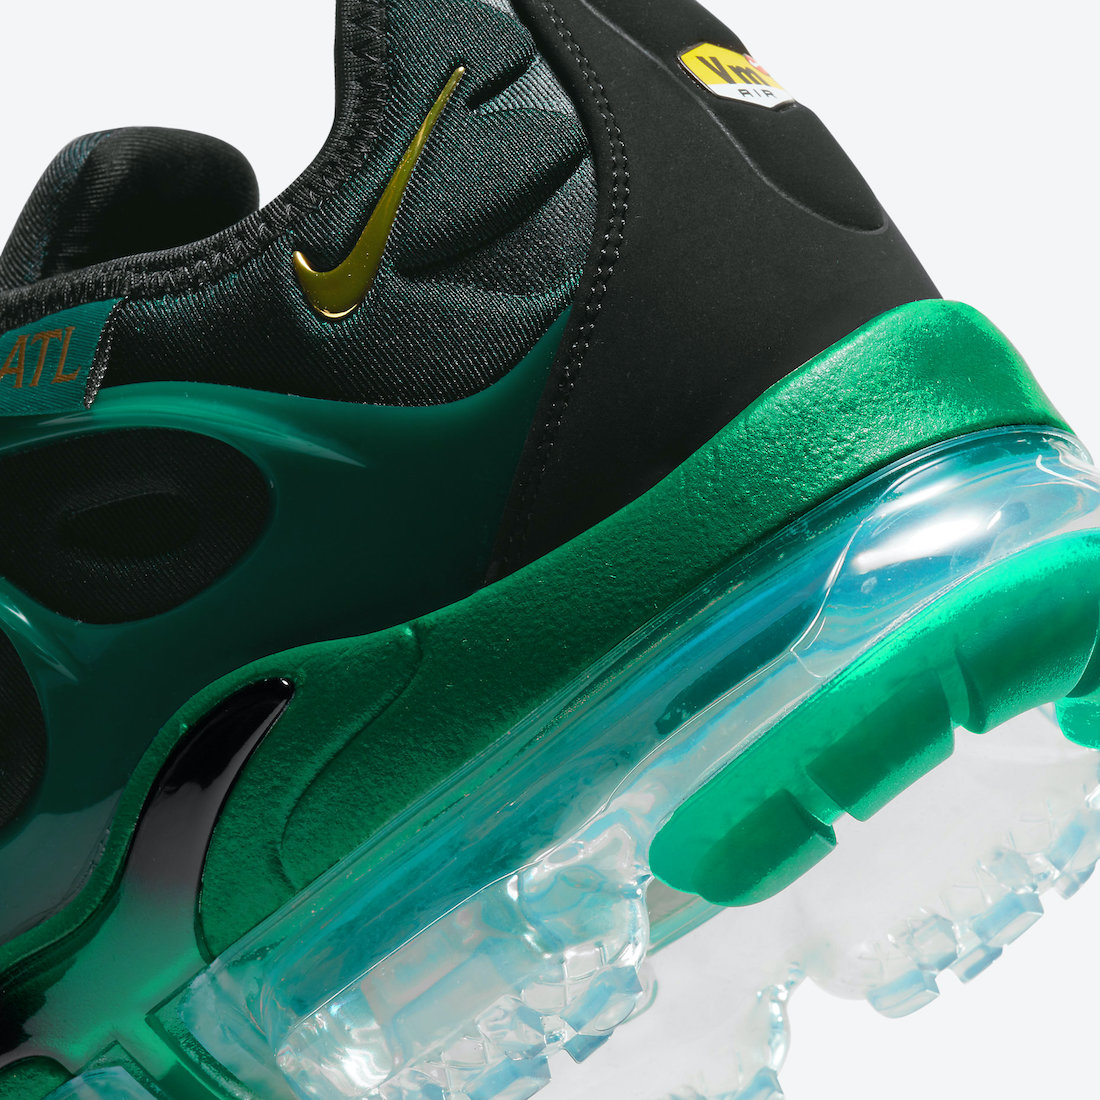 Nike-Air-VaporMax-Plus-Atlanta-DH0145-300-Release-Date-7